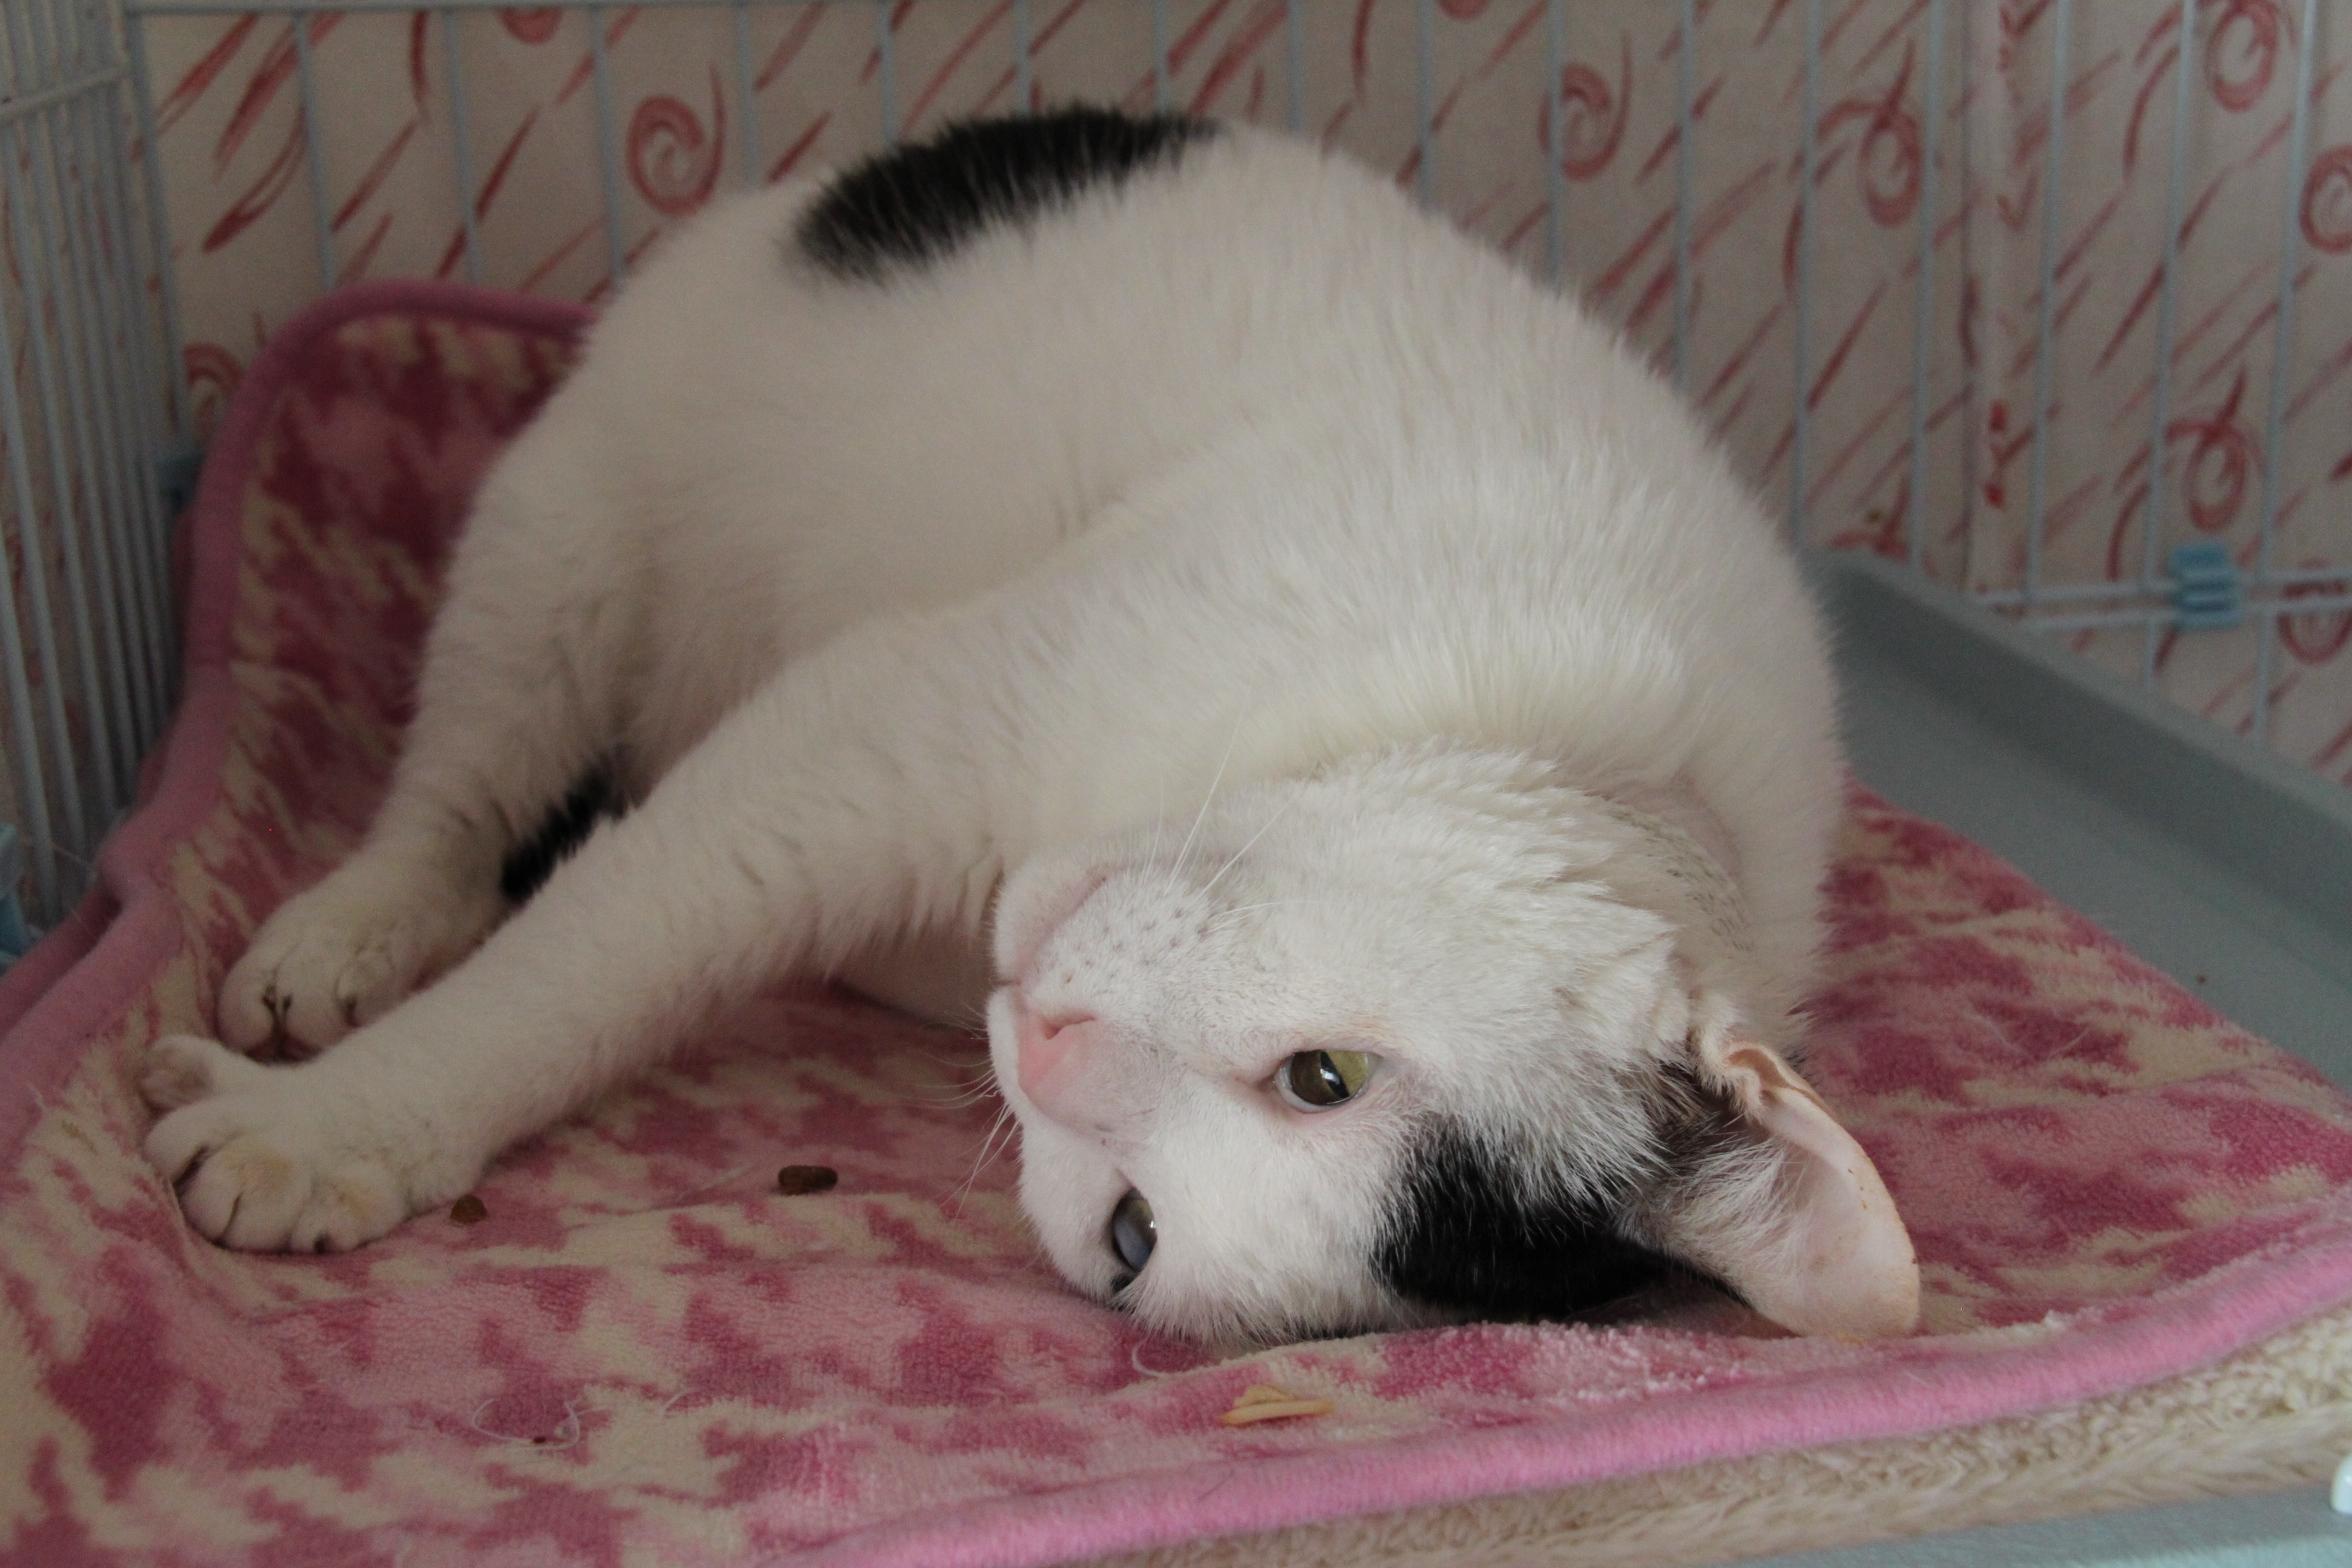 阿良,大福,橡皮擦,拐拐,抱抱   关於线上观看动态:   我们把几只猫咪